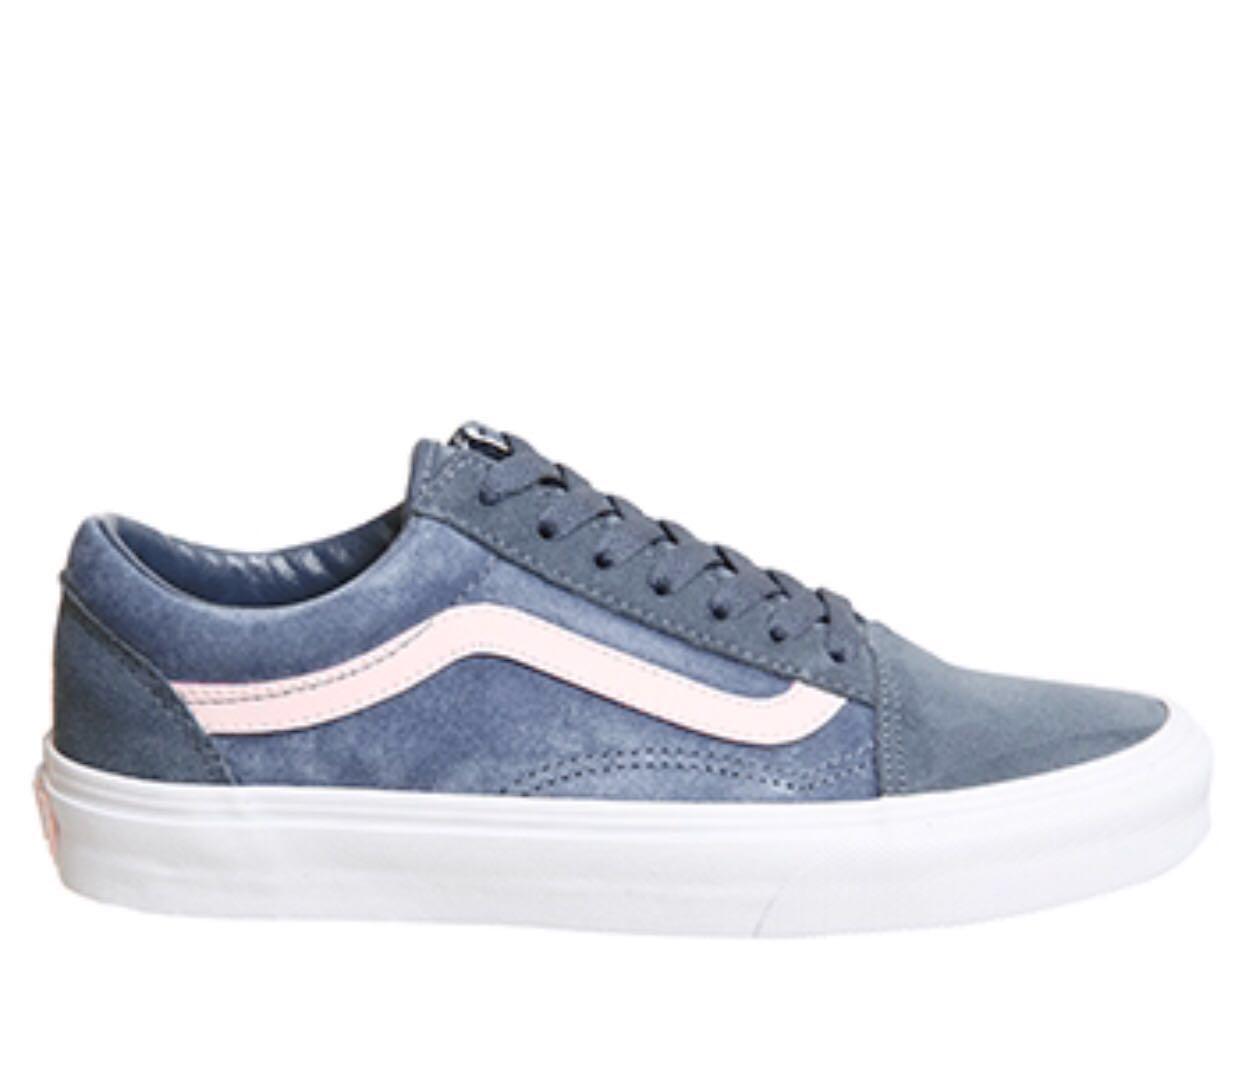 Vans Old Skool Blue Pink Sole UK 4-7